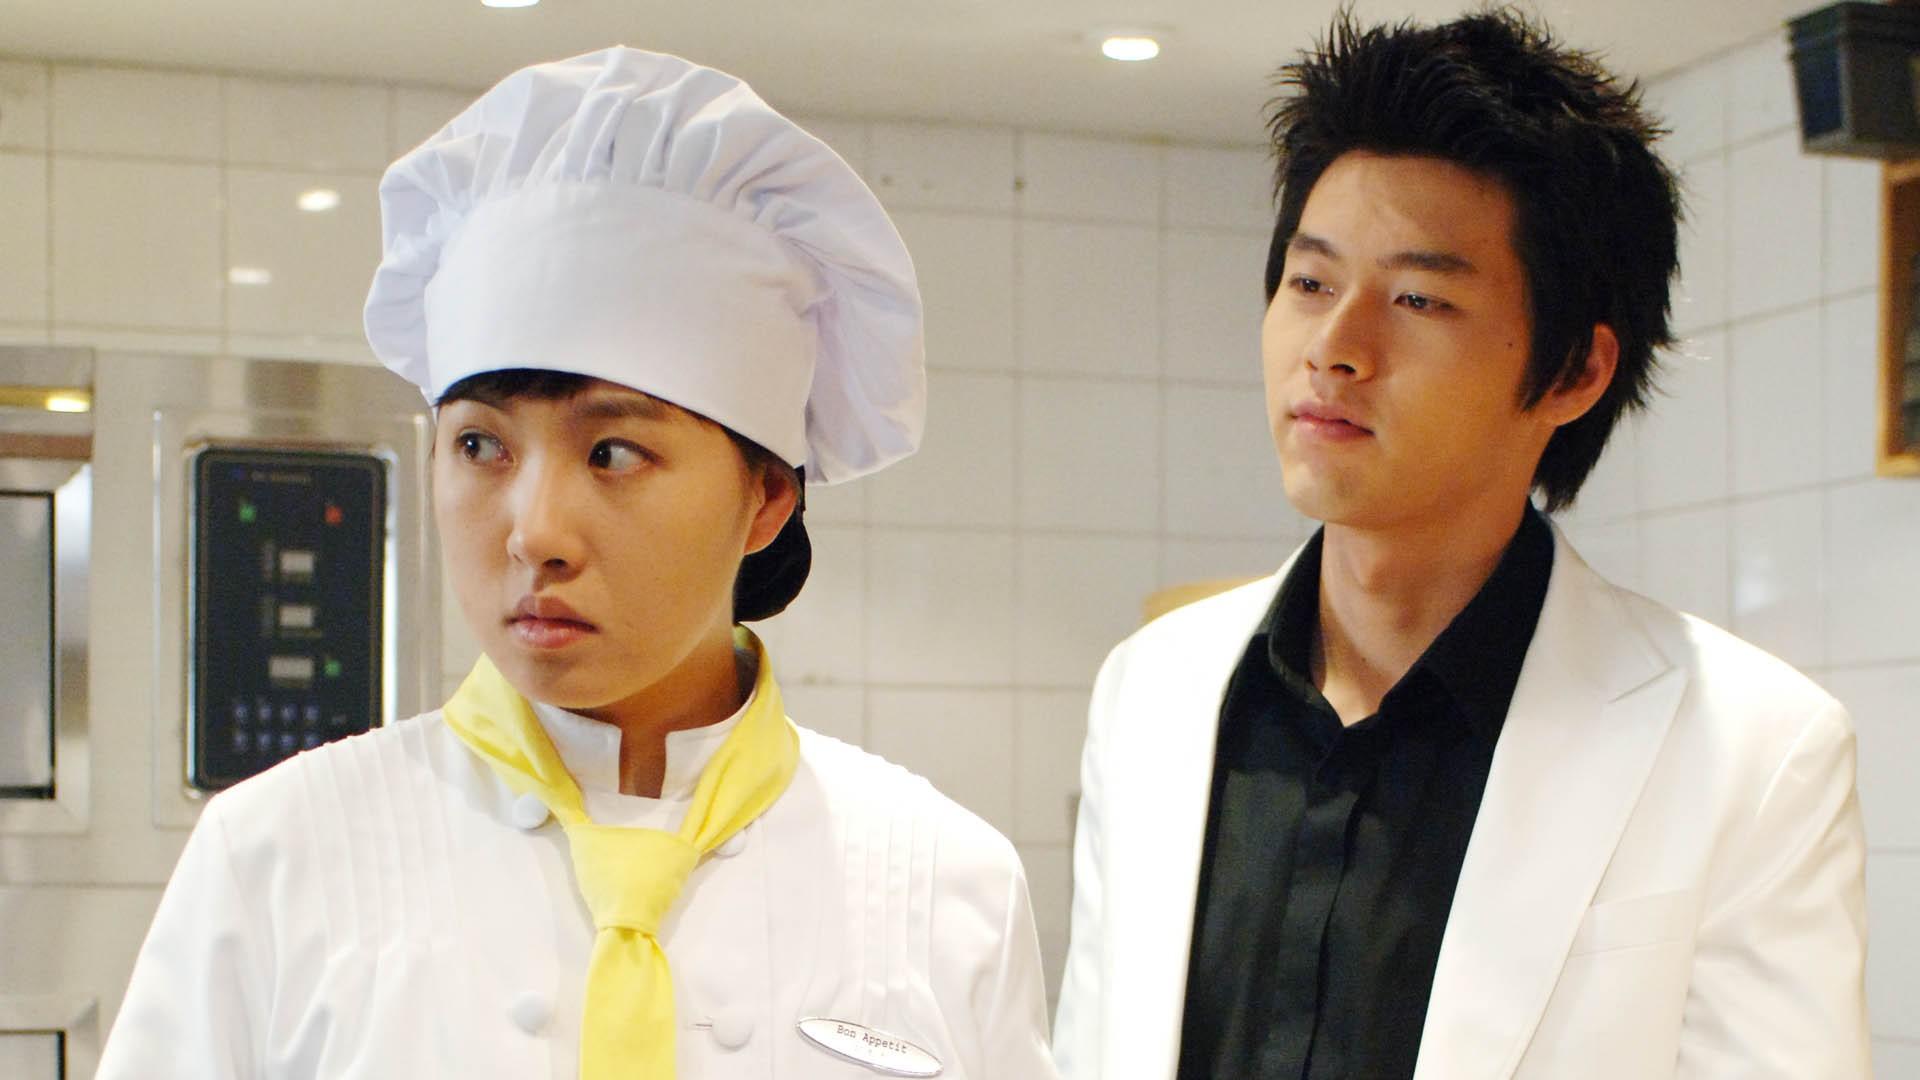 Tên Tôi Là Kim Sam Soon bản Thái remake: Ăn bận như nhà quê nhưng chị đại Bee Namthip vẫn bị... chê quá đẹp so với bản gốc - Ảnh 6.